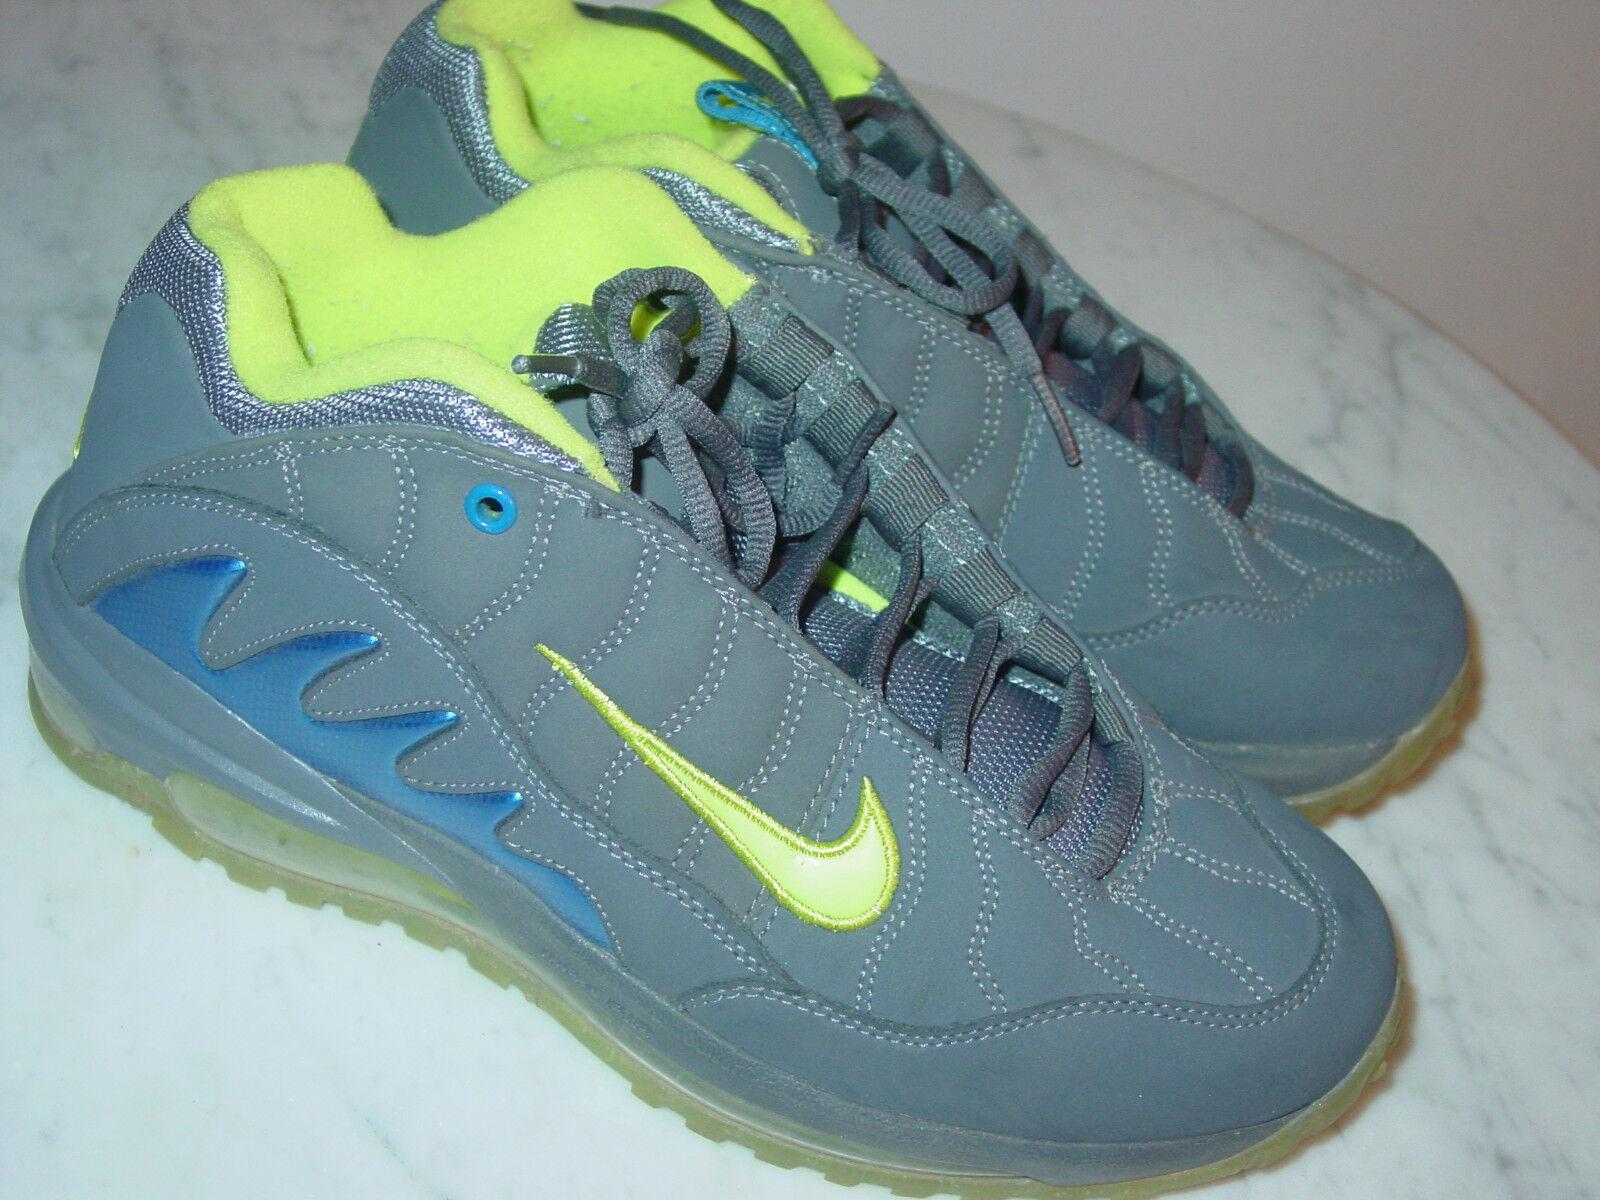 Nike Shox In Rivelano 3 Donne In Shox Esercizio Le   Nuove   Viola Gray Sz 8,5 0f07e6